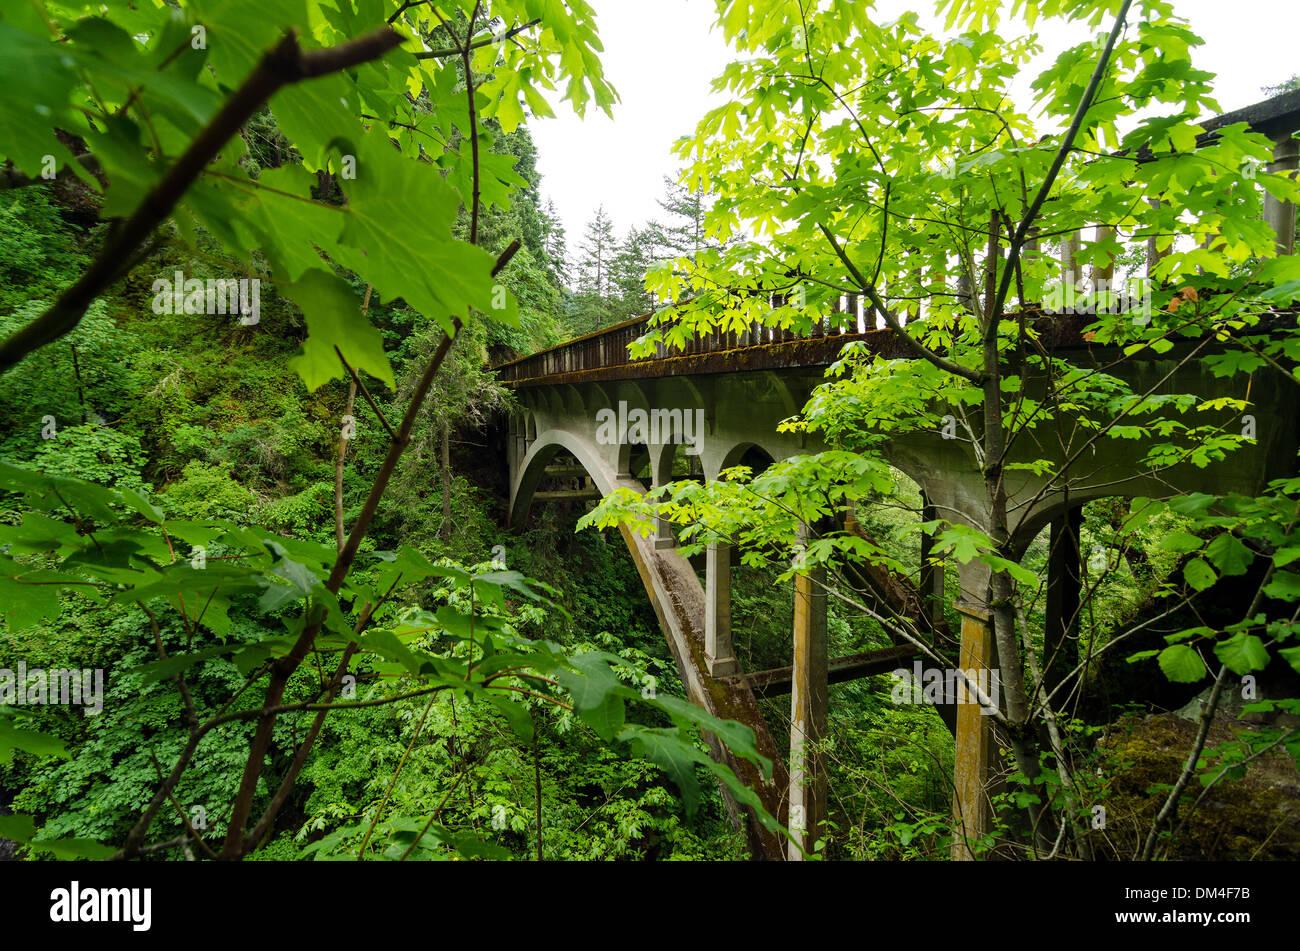 Brücke am historischen Highway 30 läuft durch die Columbia River Gorge und einem üppig grünen Wald Stockbild